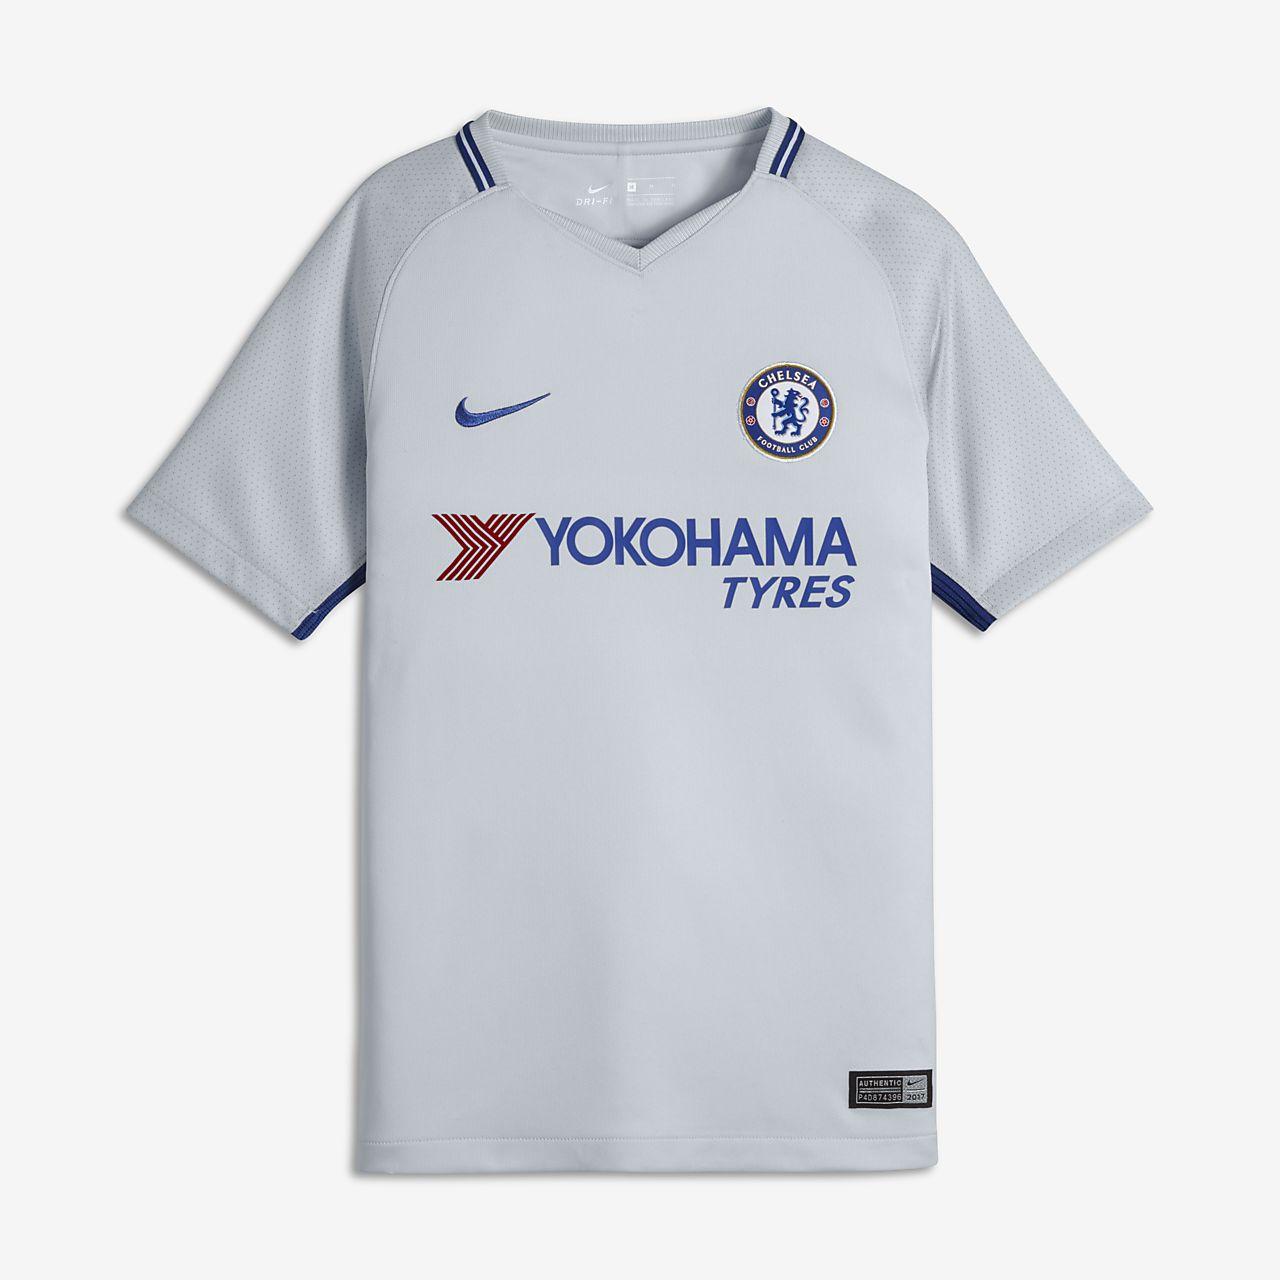 2017 18 Chelsea FC Stadium Away Camiseta de fútbol - Niño a. Nike.com ES f7d48e348dca9